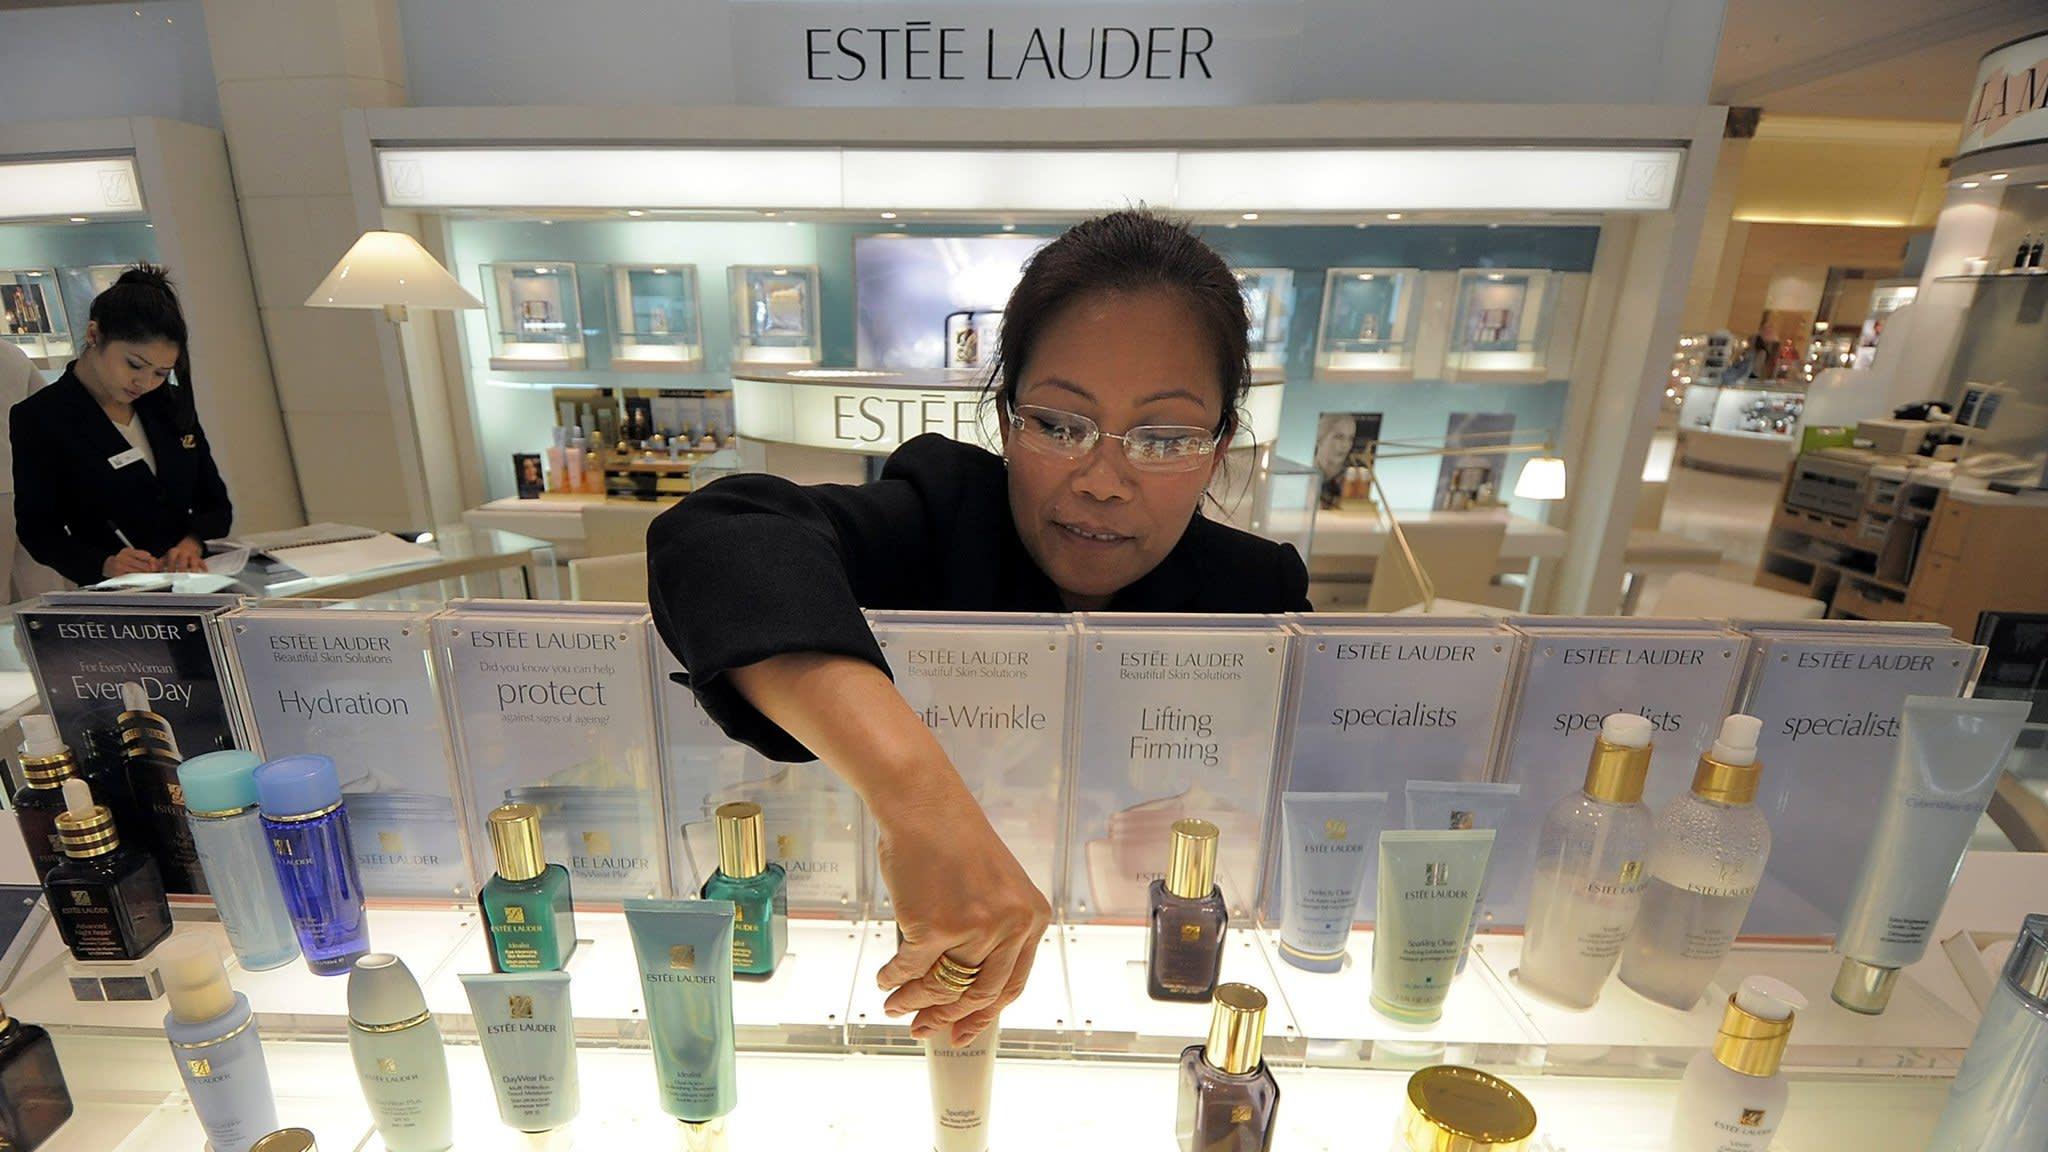 Estée Lauder bucks China gloom, raises guidance again | Financial Times